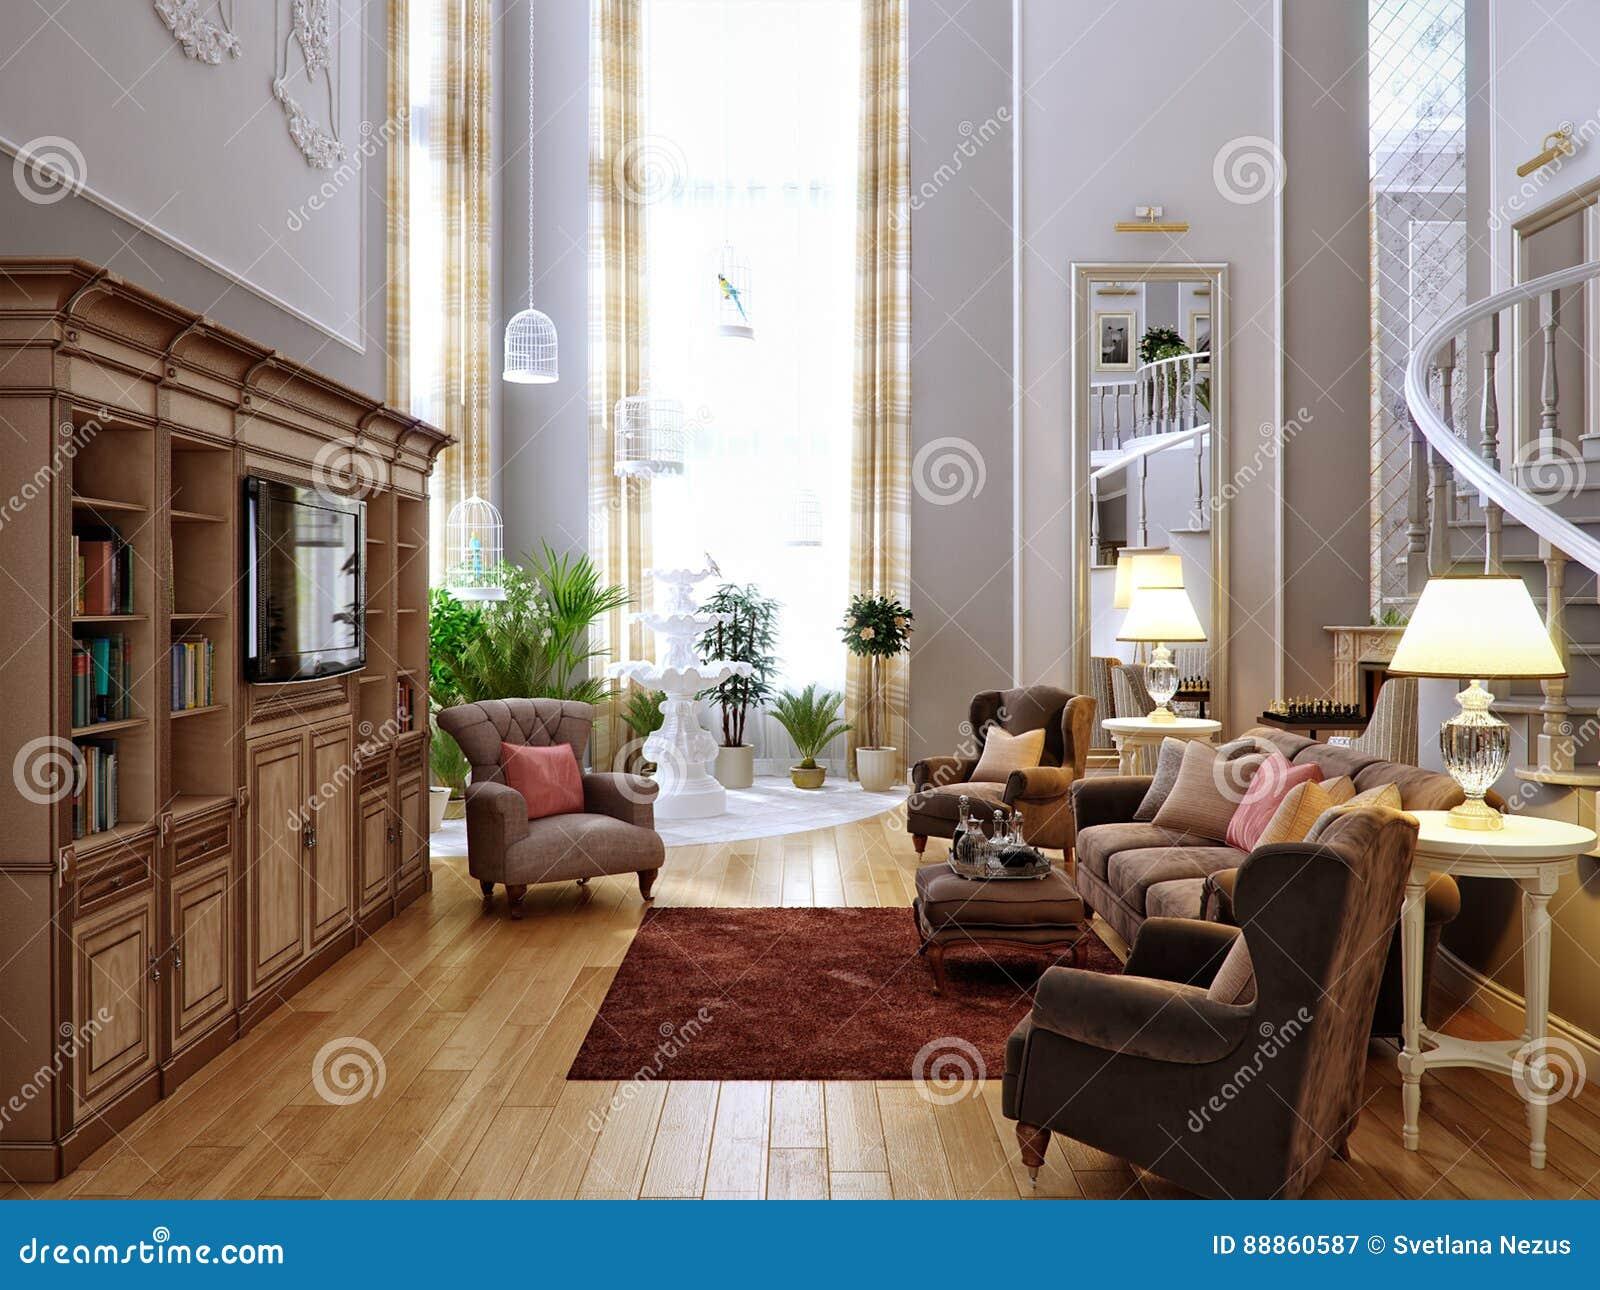 Dise o interior cl sico de la sala de estar de la cocina for Sala de estar estancia cocina abierta